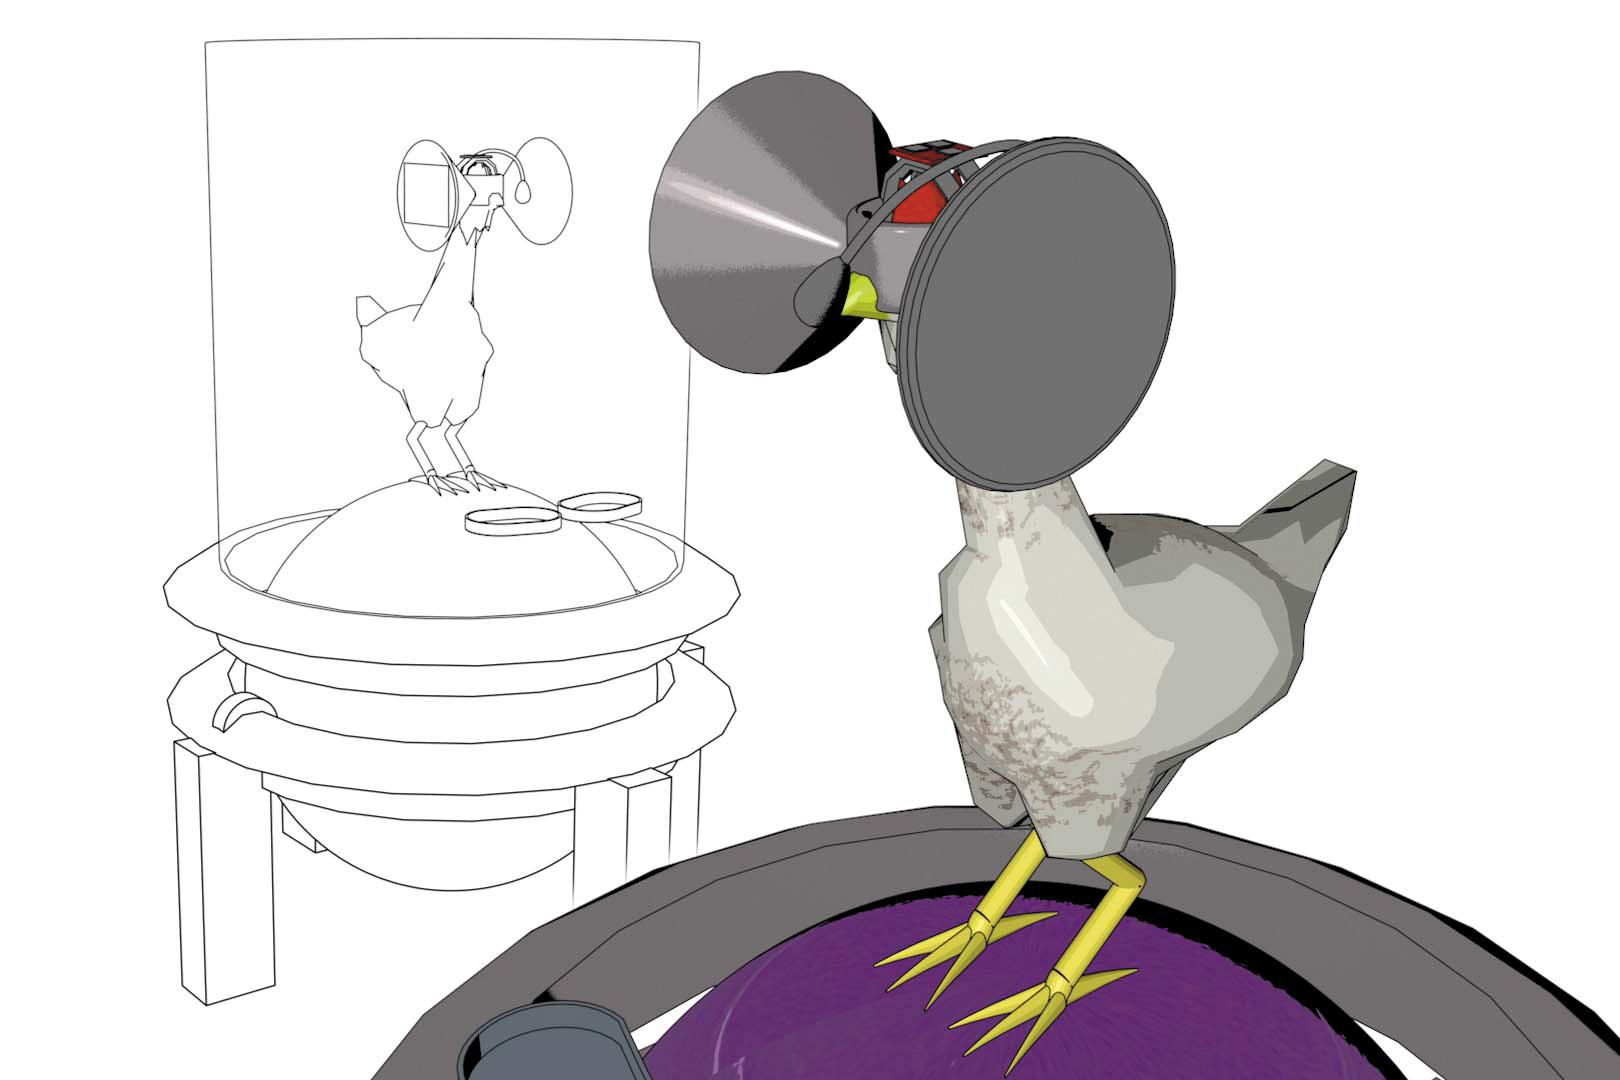 виртуальная реальность для куриц